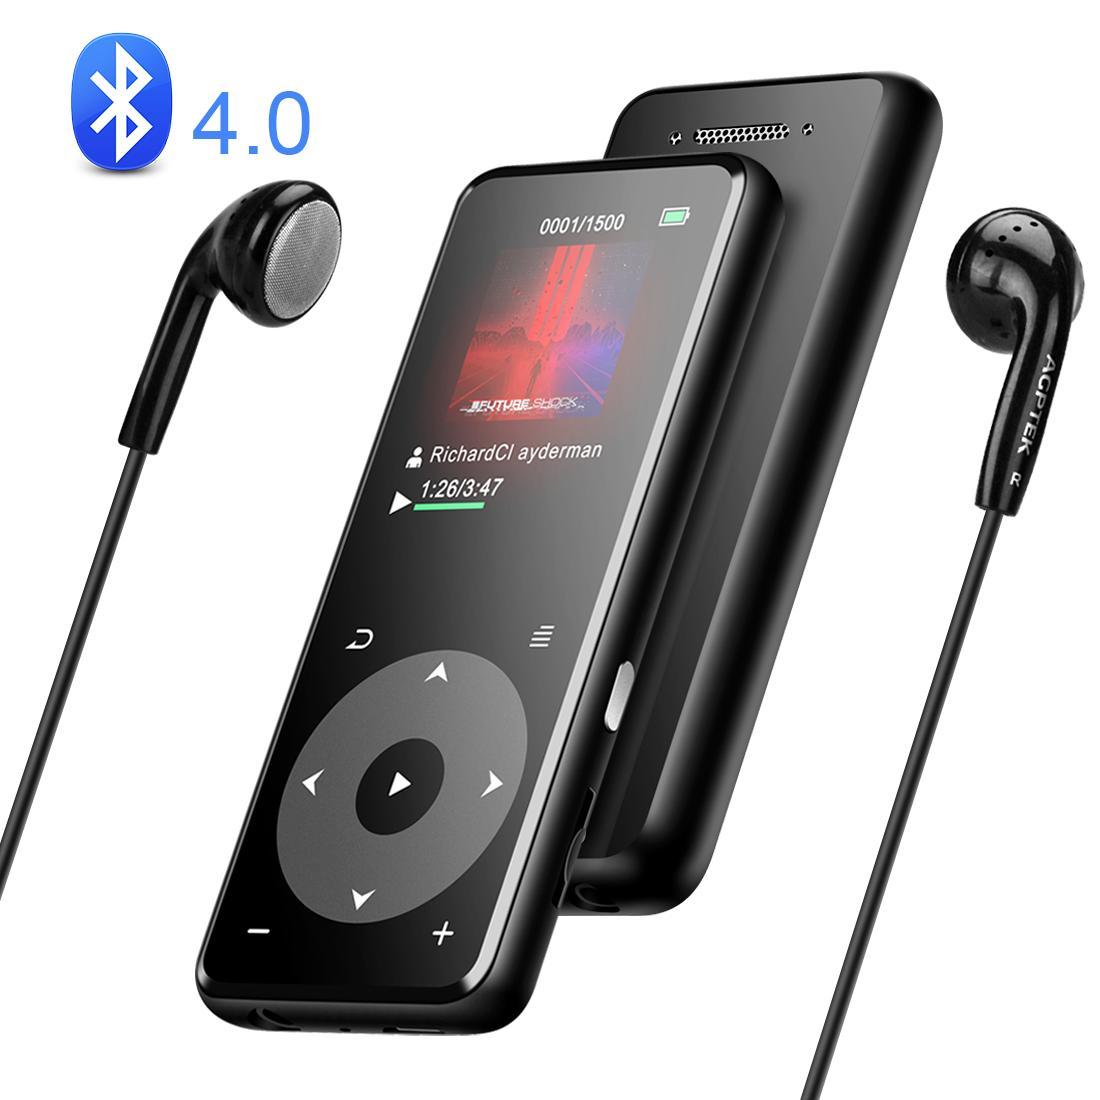 AGPTEK 音楽プレーヤー bluetooth搭載 MP3プレーヤー Hi-Fiロスレス音質 デジタルオーディオプレーヤー 光るタッチボタン 歩数計 合金製 内蔵8GB 最大128GBマイクロSDカード対応 A16TB ブラック